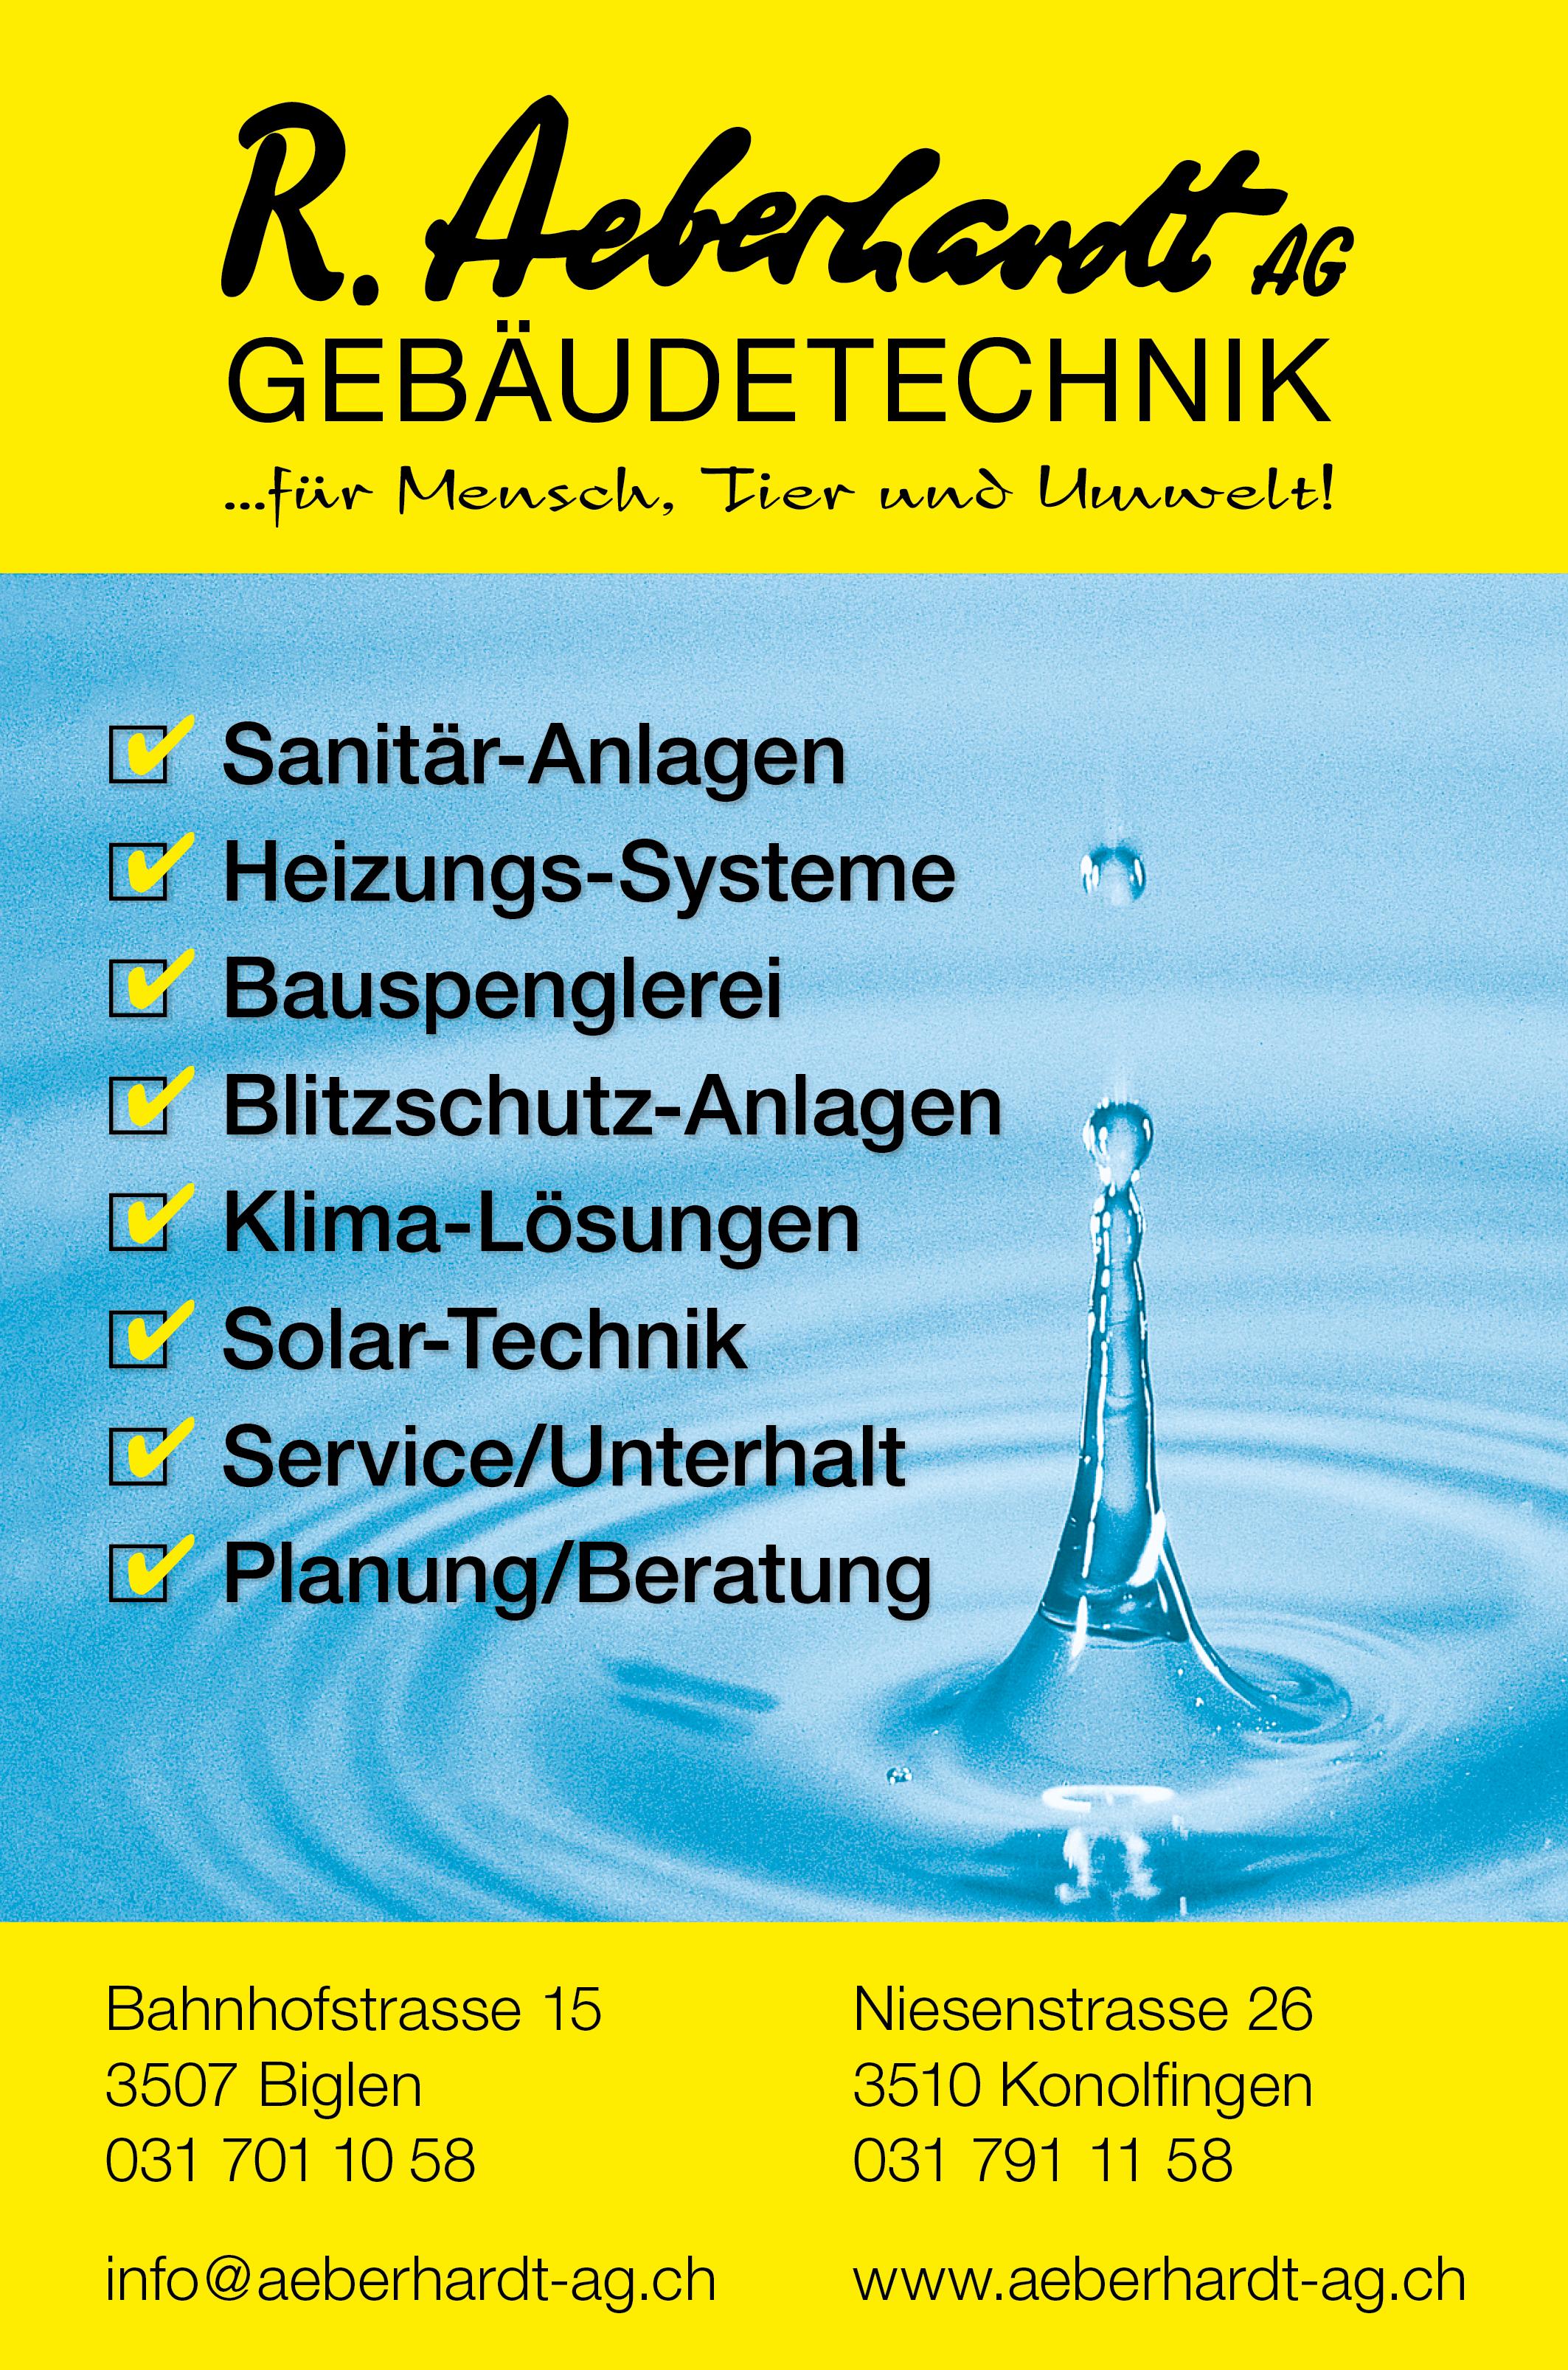 R-Aeberhardt-Inserate-2017-12-02-06